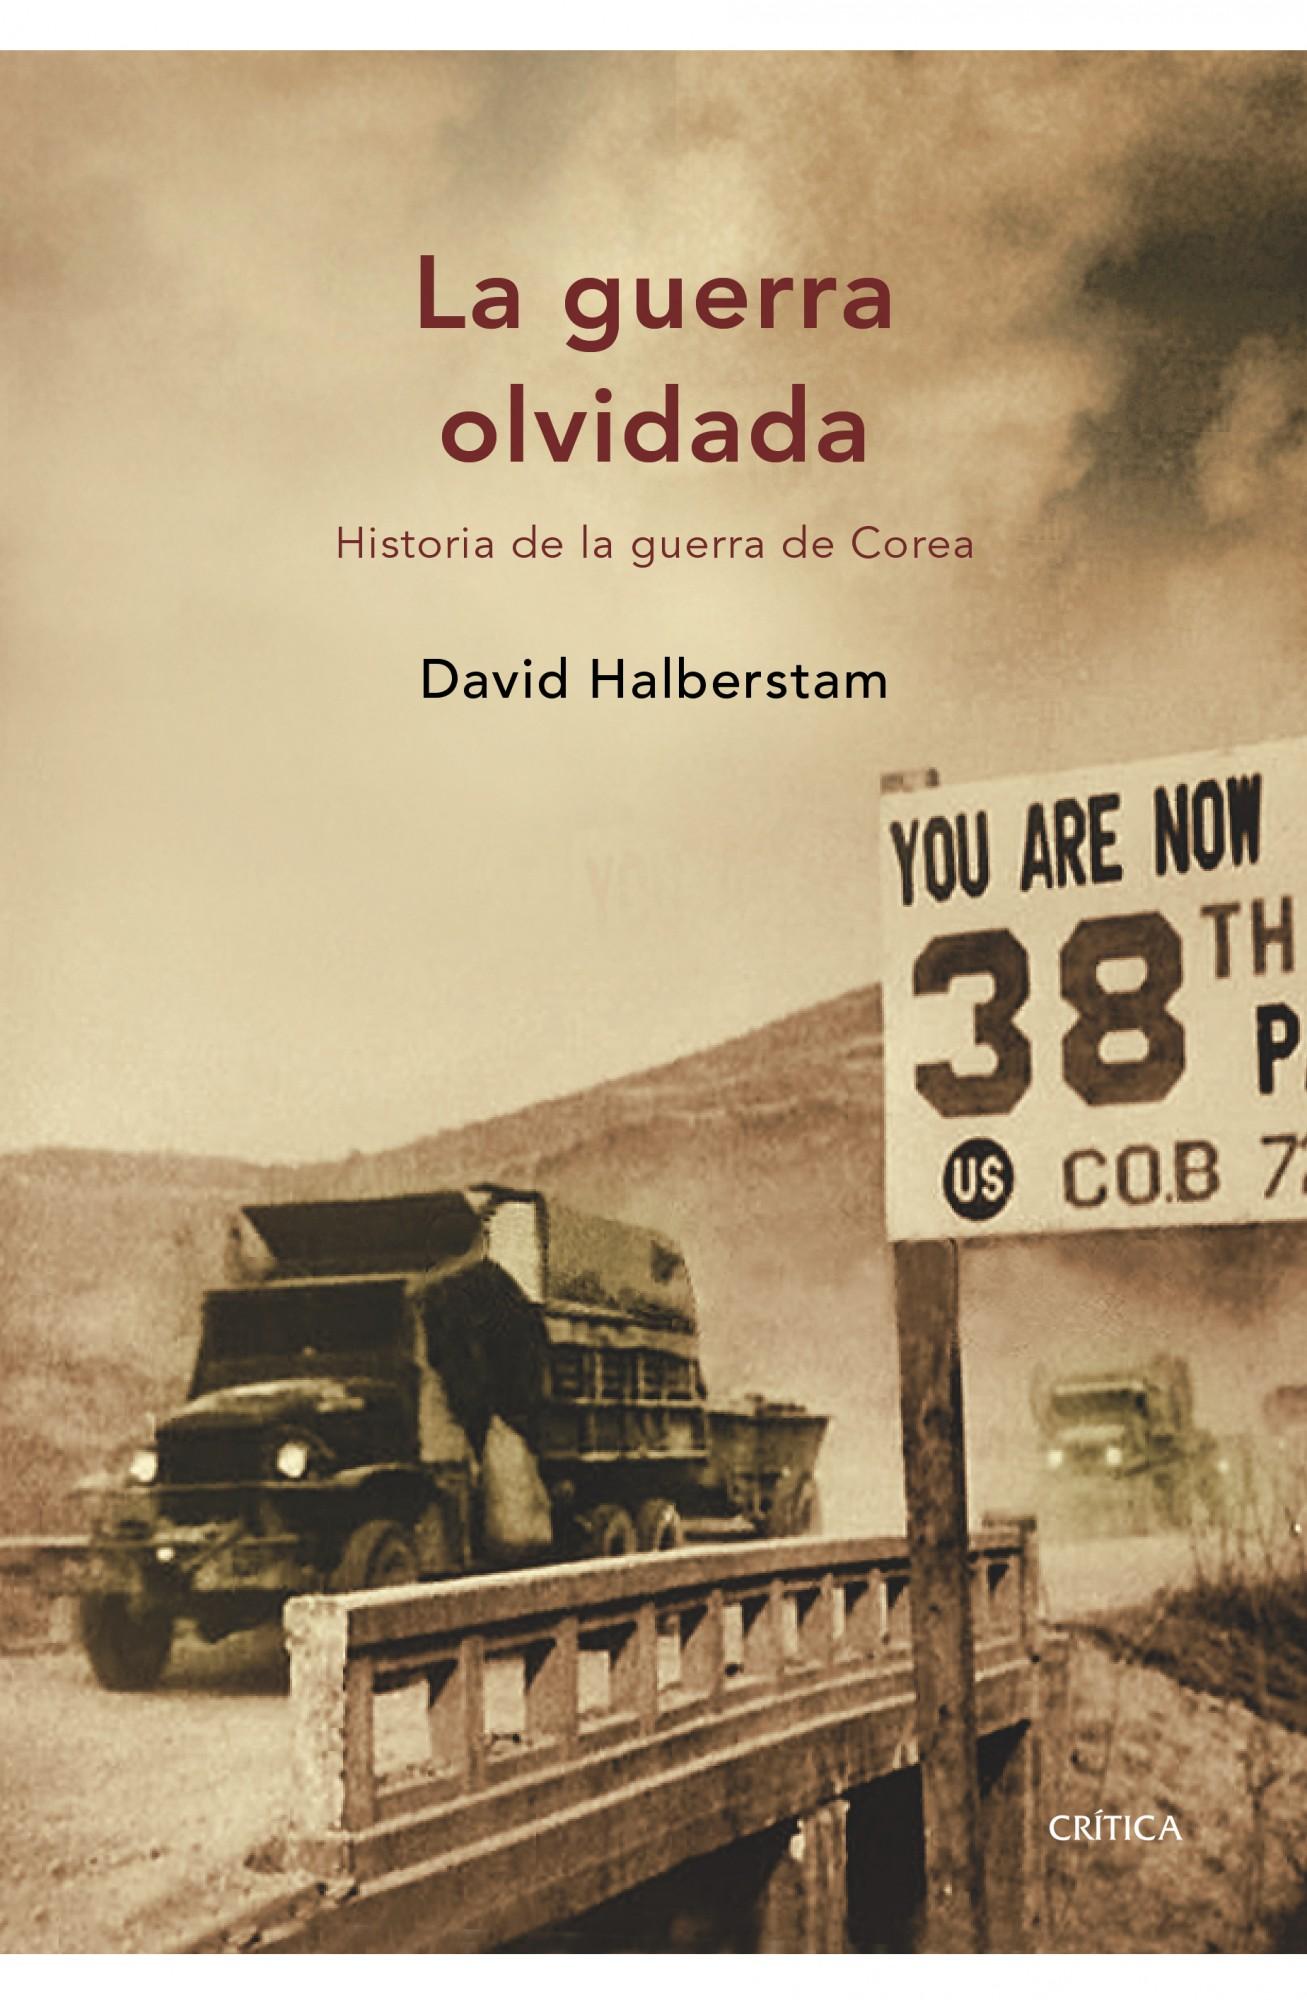 La Guerra Olvidada: Historia De La Guerra De Corea por David Halberstam